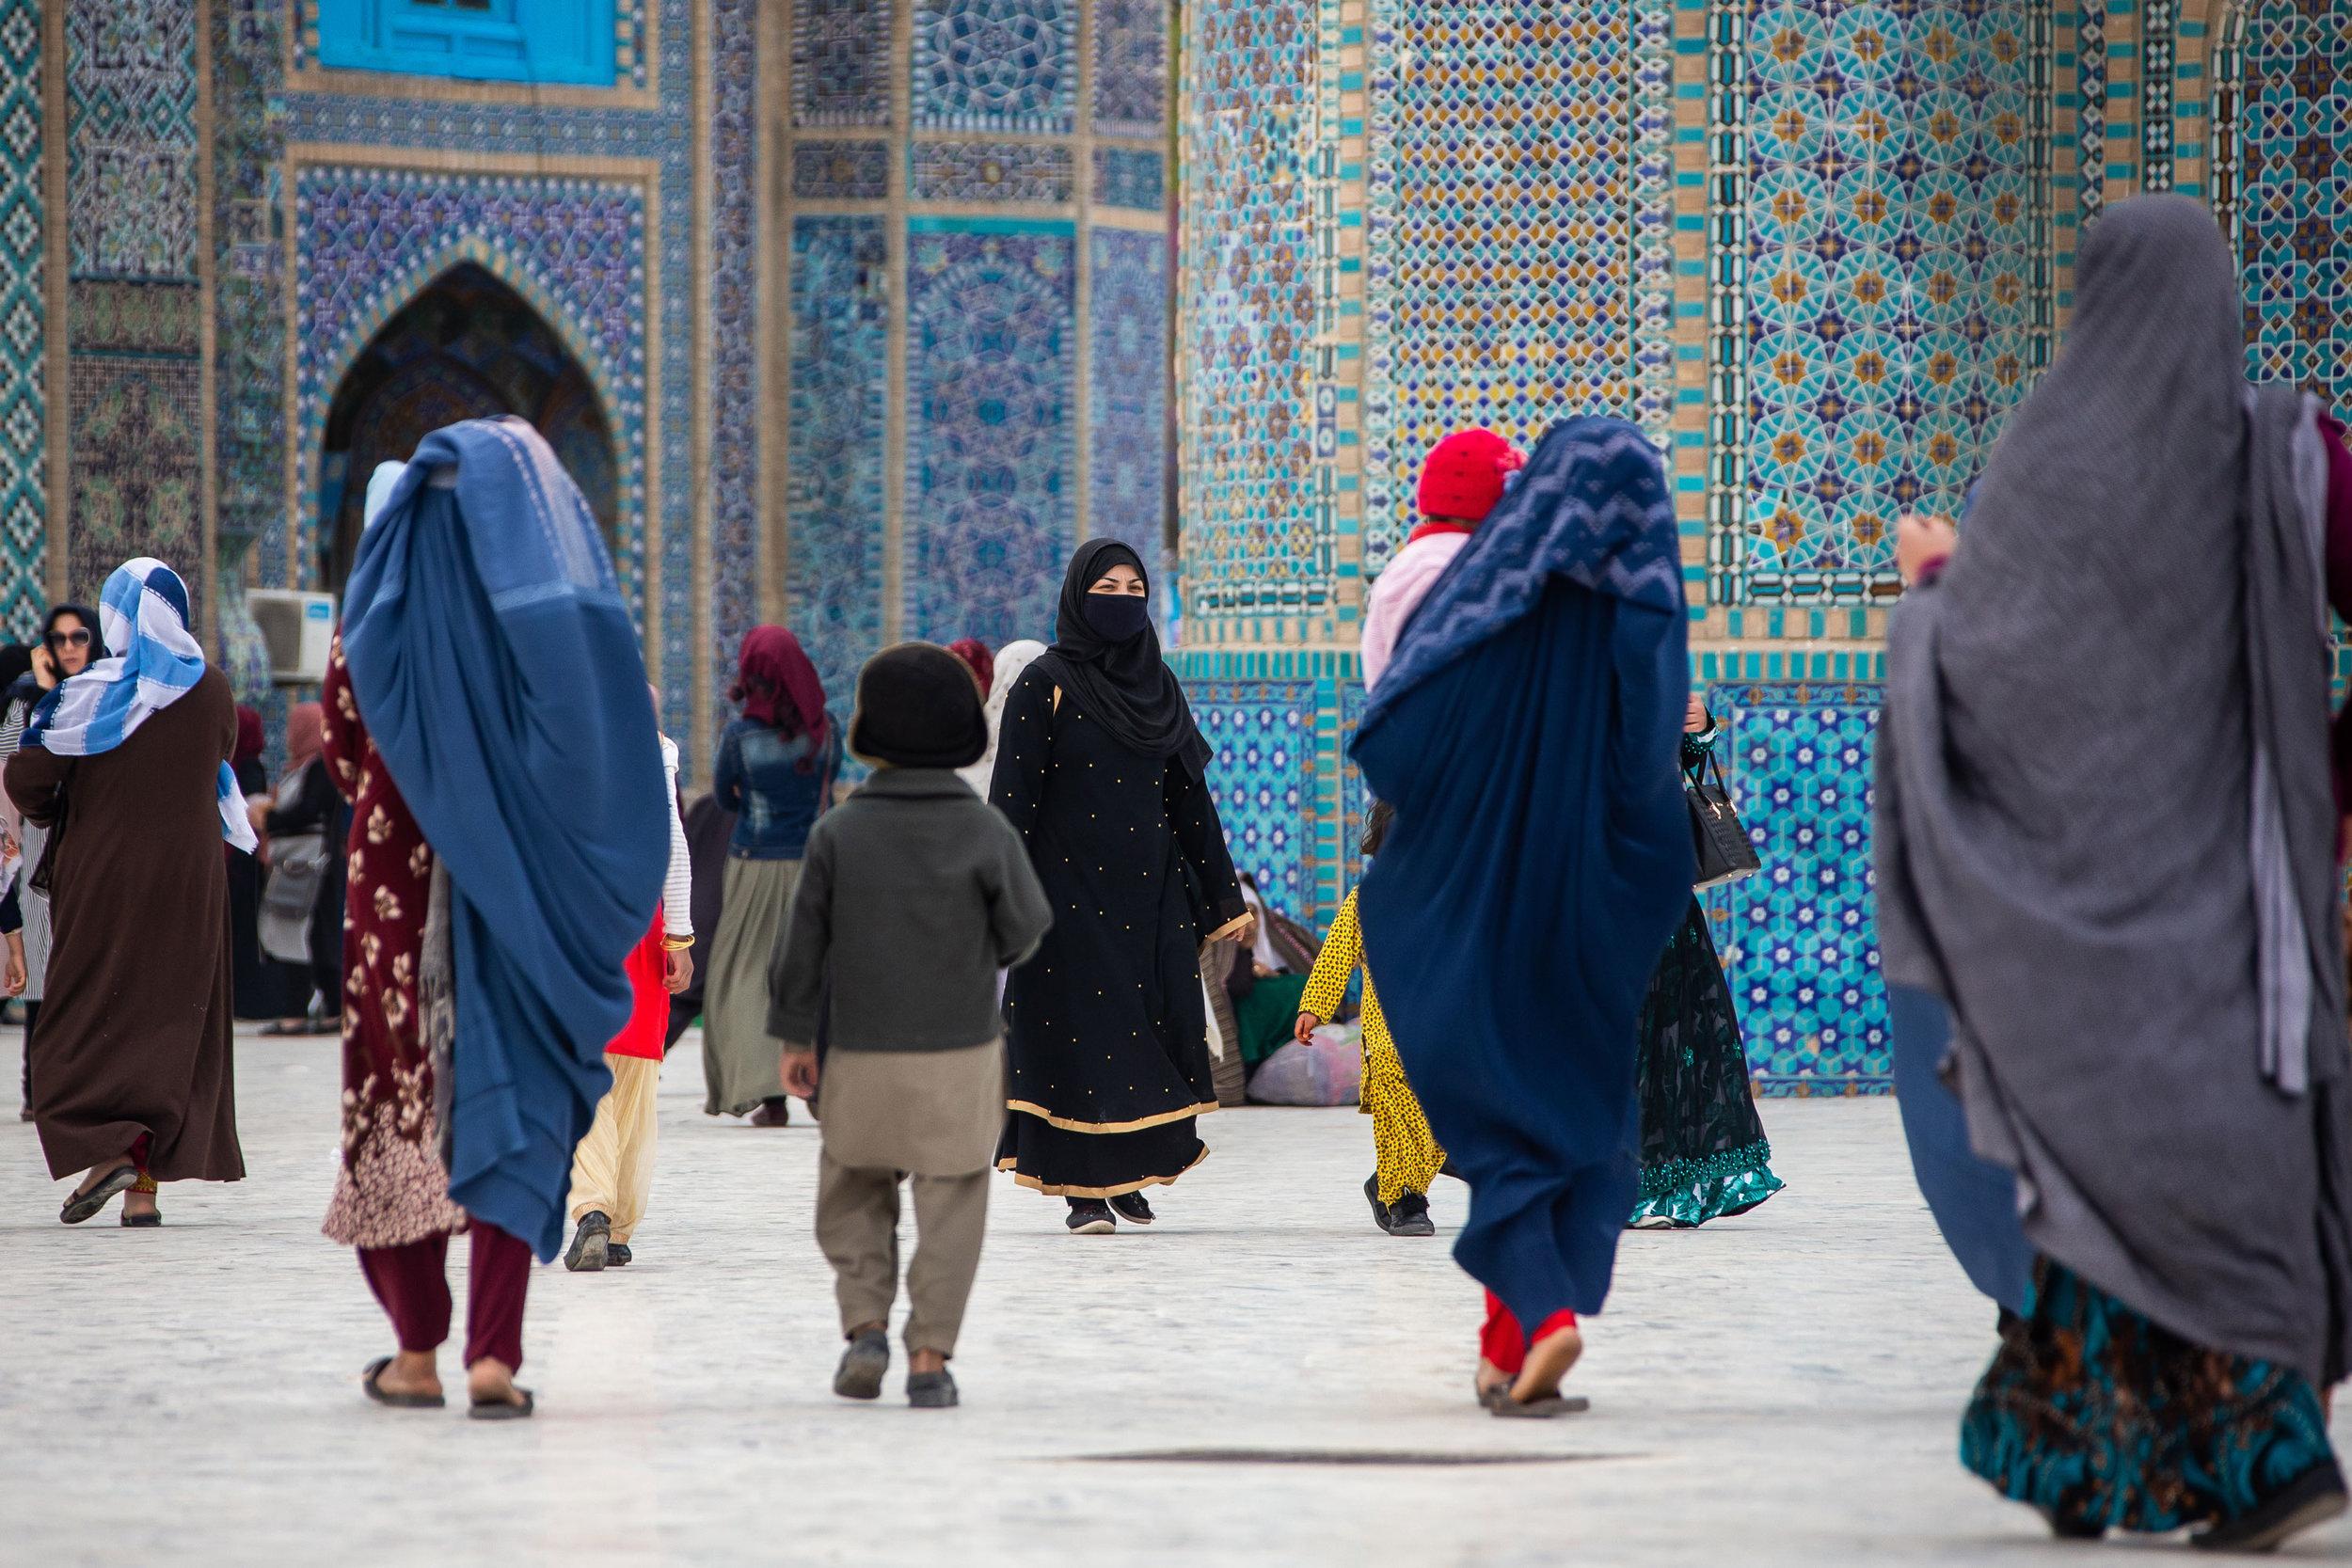 Women walk around the Blue Mosque in Mazar-i Sharif.